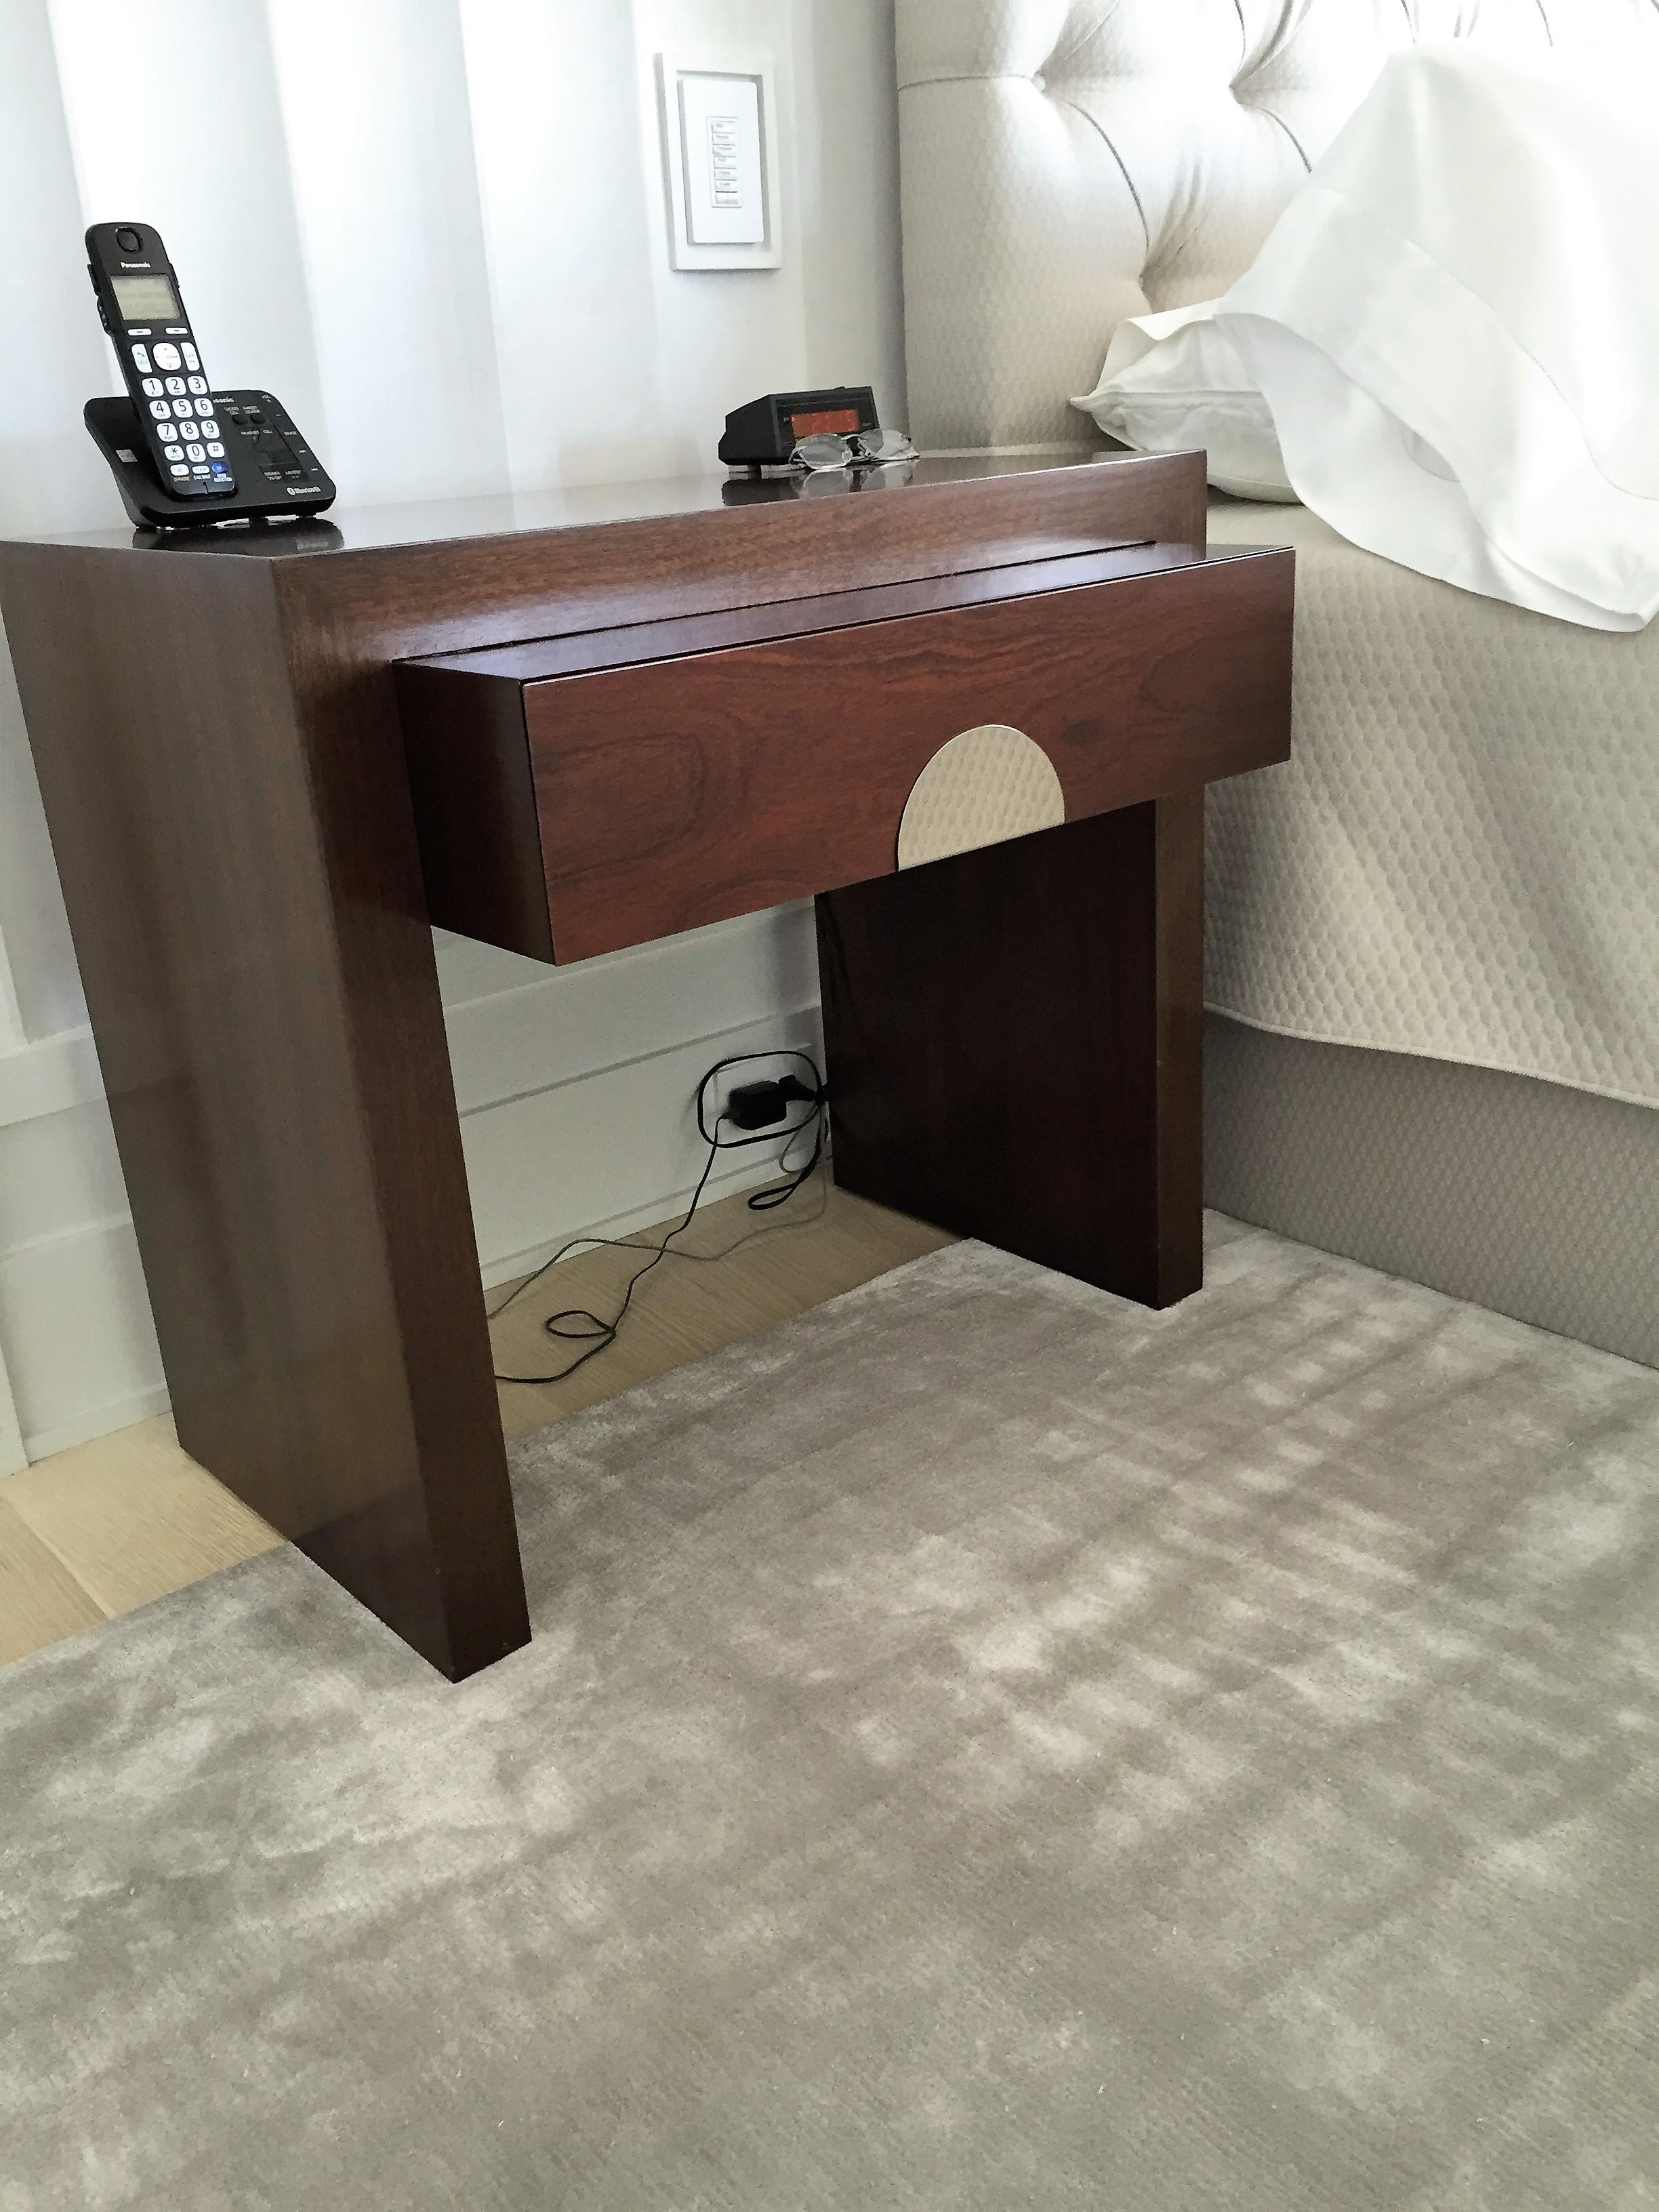 Mahogany nightstand with custom hardware